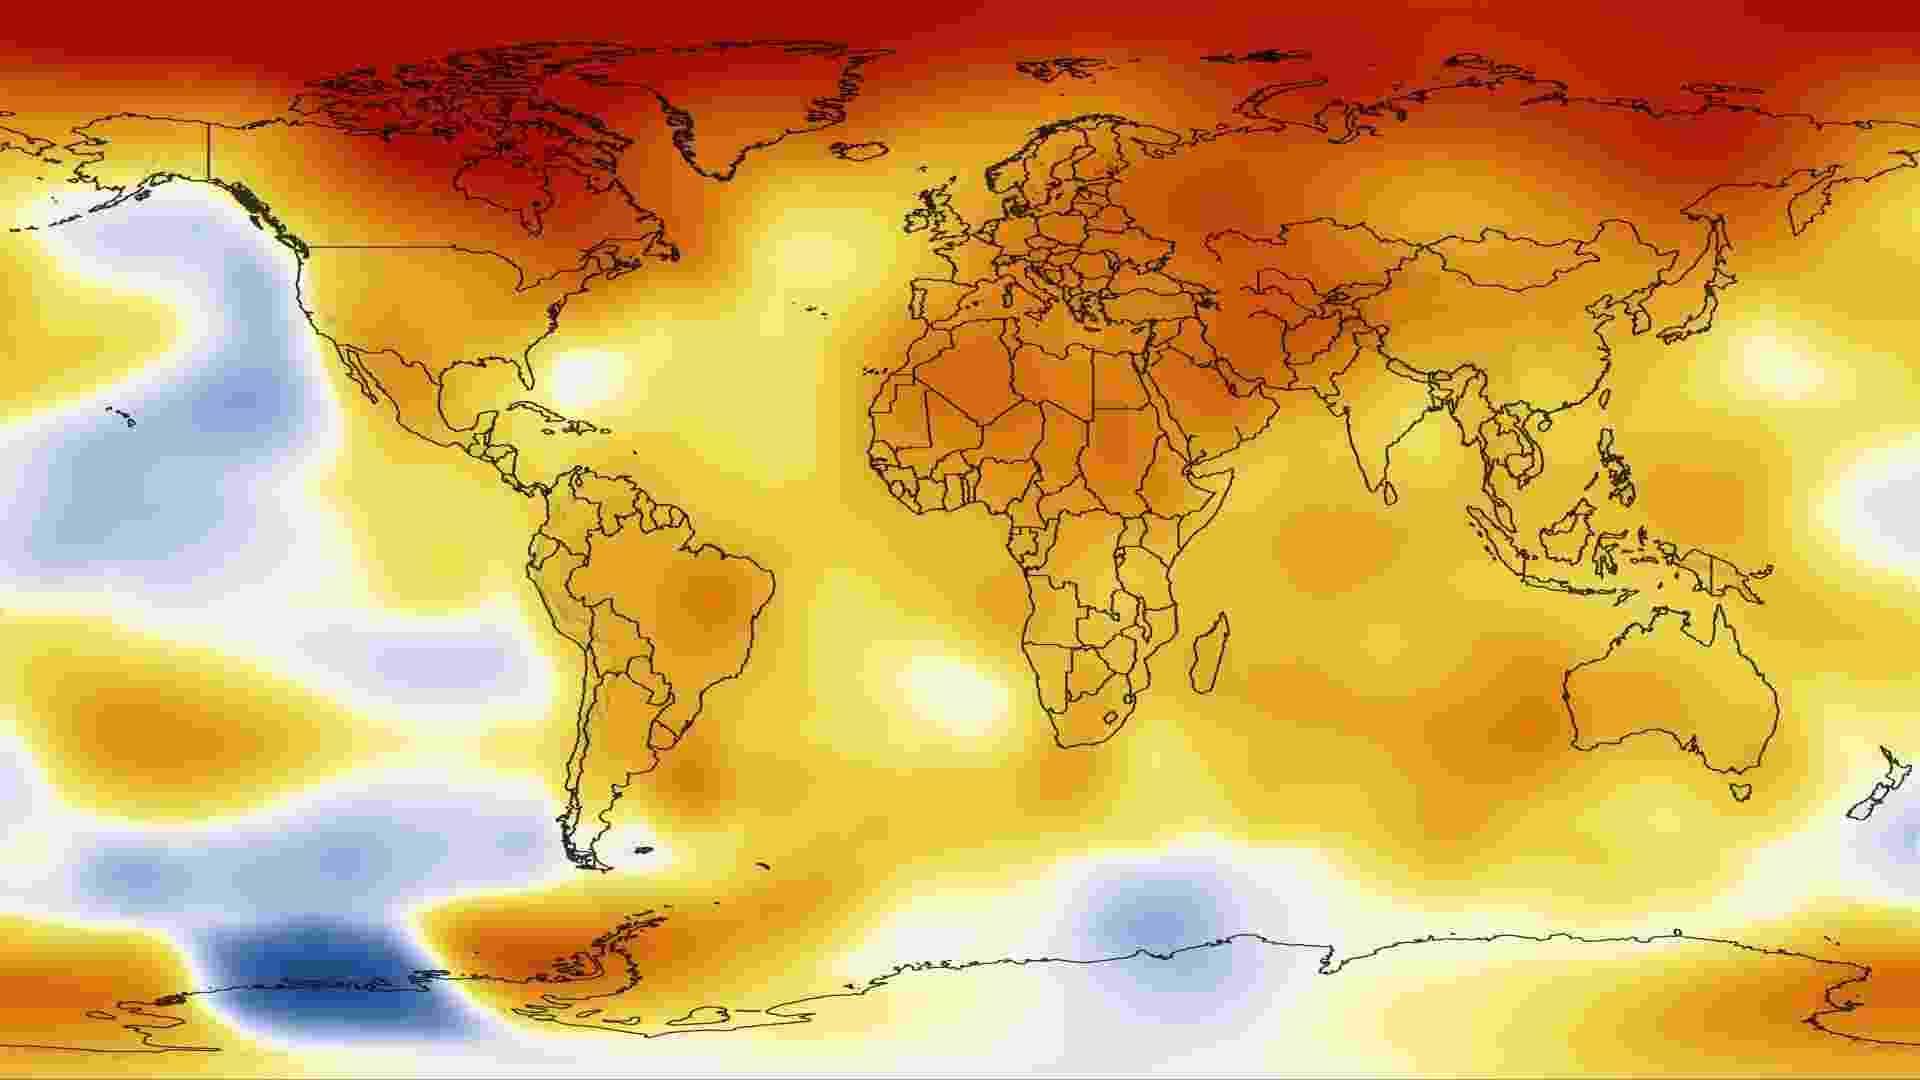 16.jan.2013 - A Nasa (Agência Espacial Norte-Americana) classificou o ano de 2012 como um dos mais quentes desde o início dos registros, em 1880. A temperatura da superfície global no ano passado, incluindo terra e água, foi 0,56 graus Celsius superior à média registrada entre 1951 e 1980, o suficiente para causar um aumento nas máximas extremas da temperatura do planeta - NASA Goddard's Scientific Visualization Studio